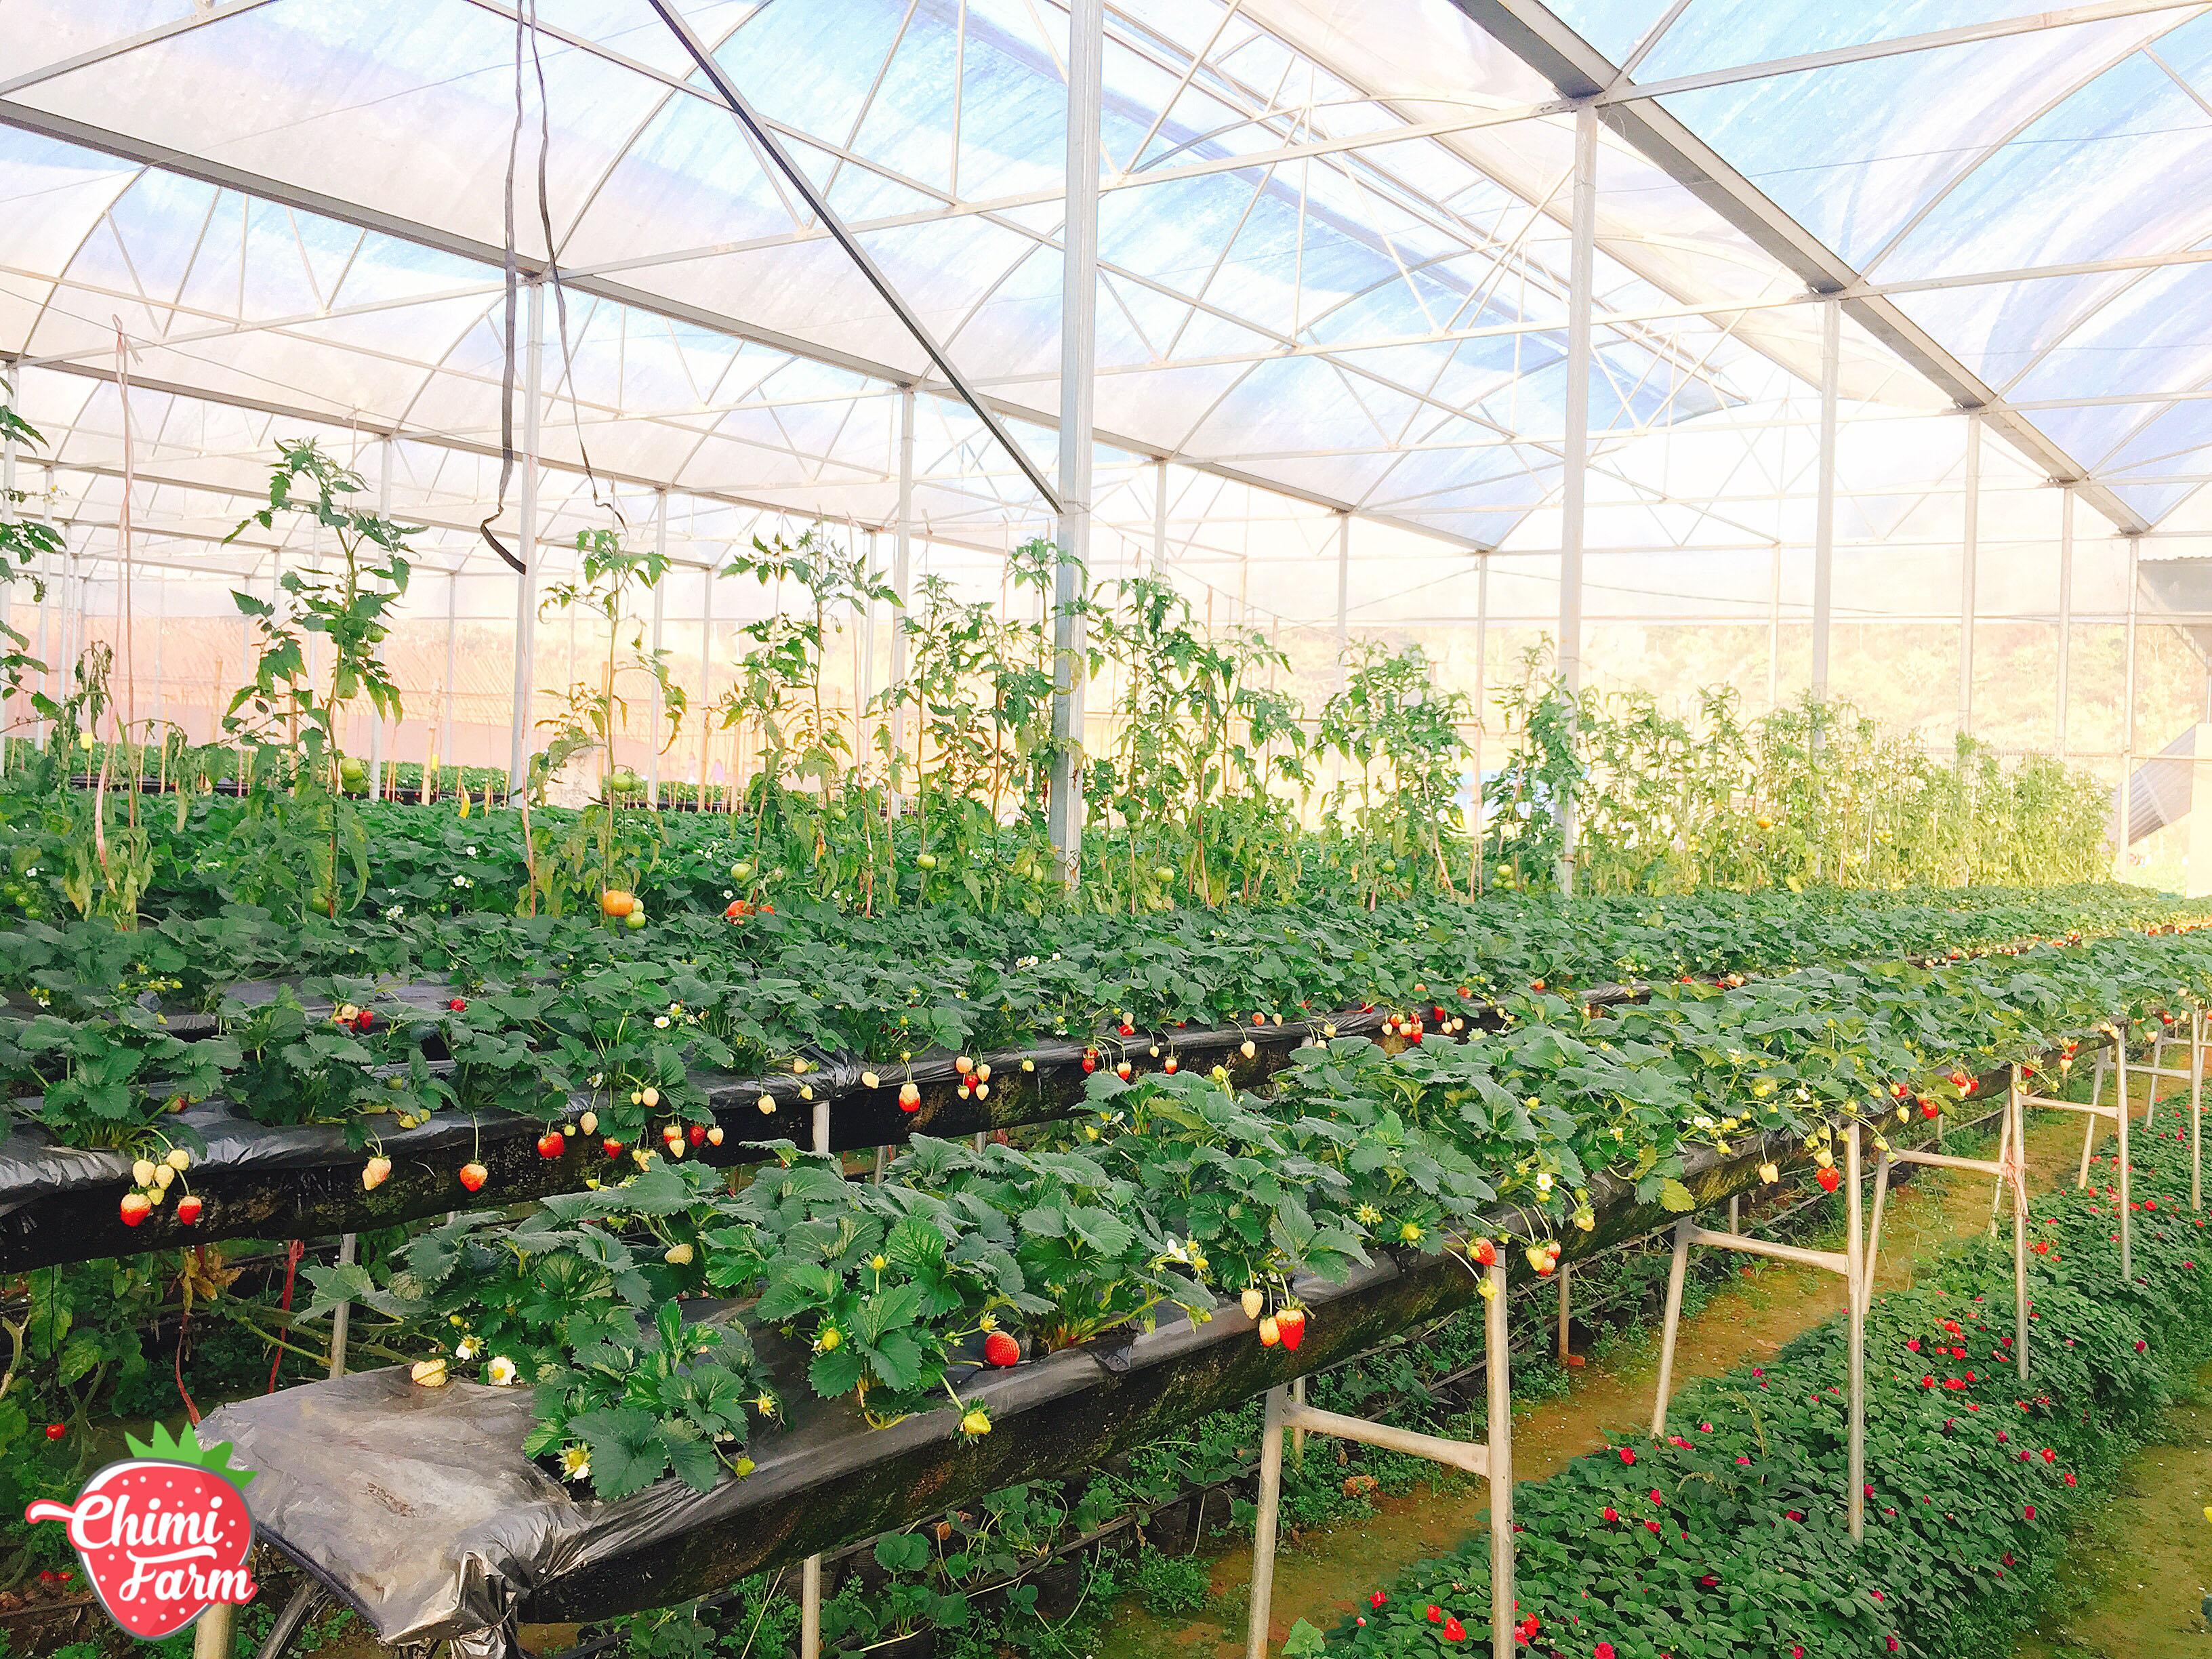 Các giá thể dâu tây được trồng trong nhà kính của Chimi Farm